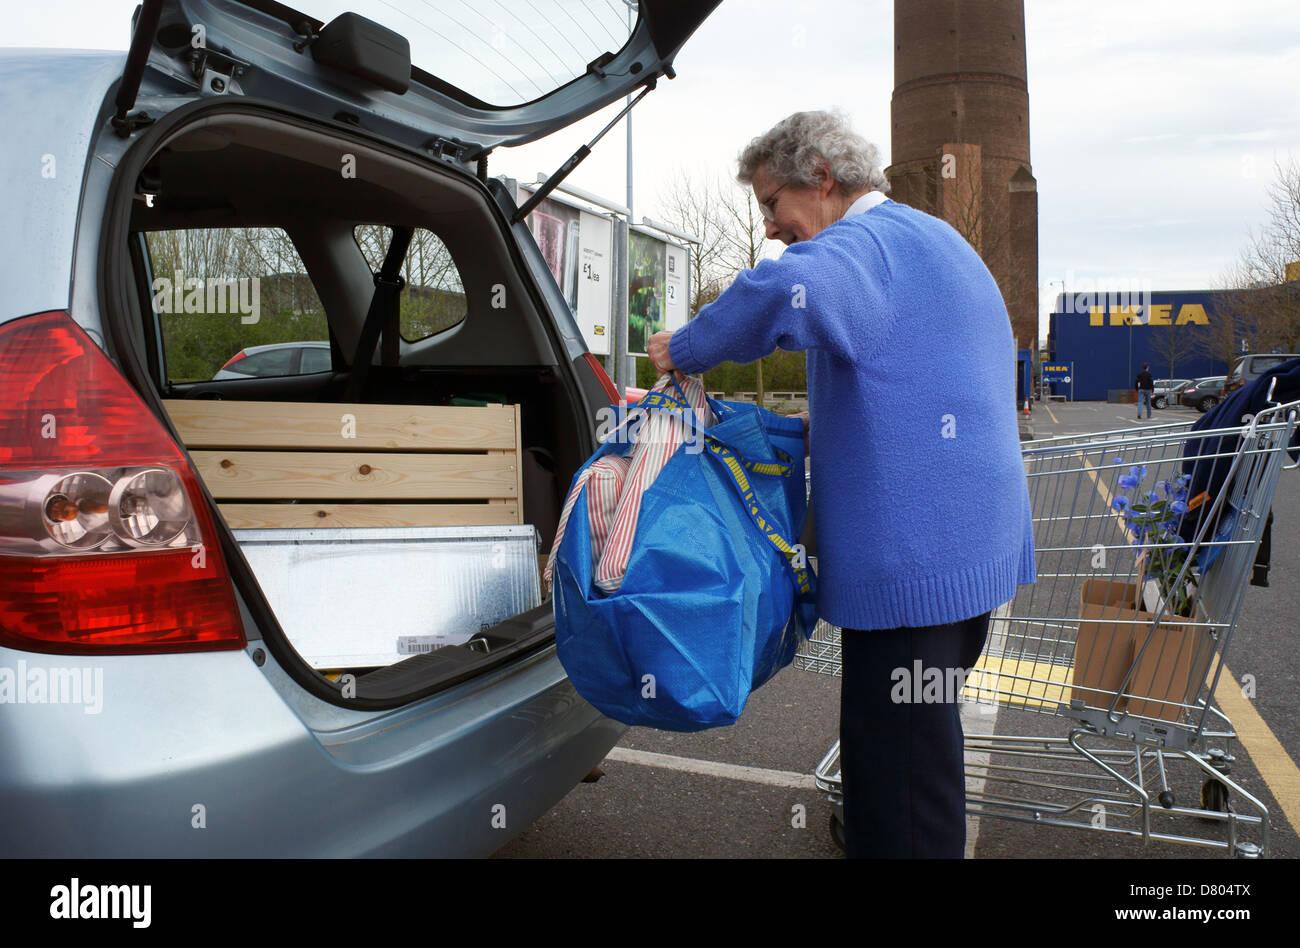 Pensionné féminine senior citizen achats chargement de ikea Croydon à l'arrière d'une Photo Stock